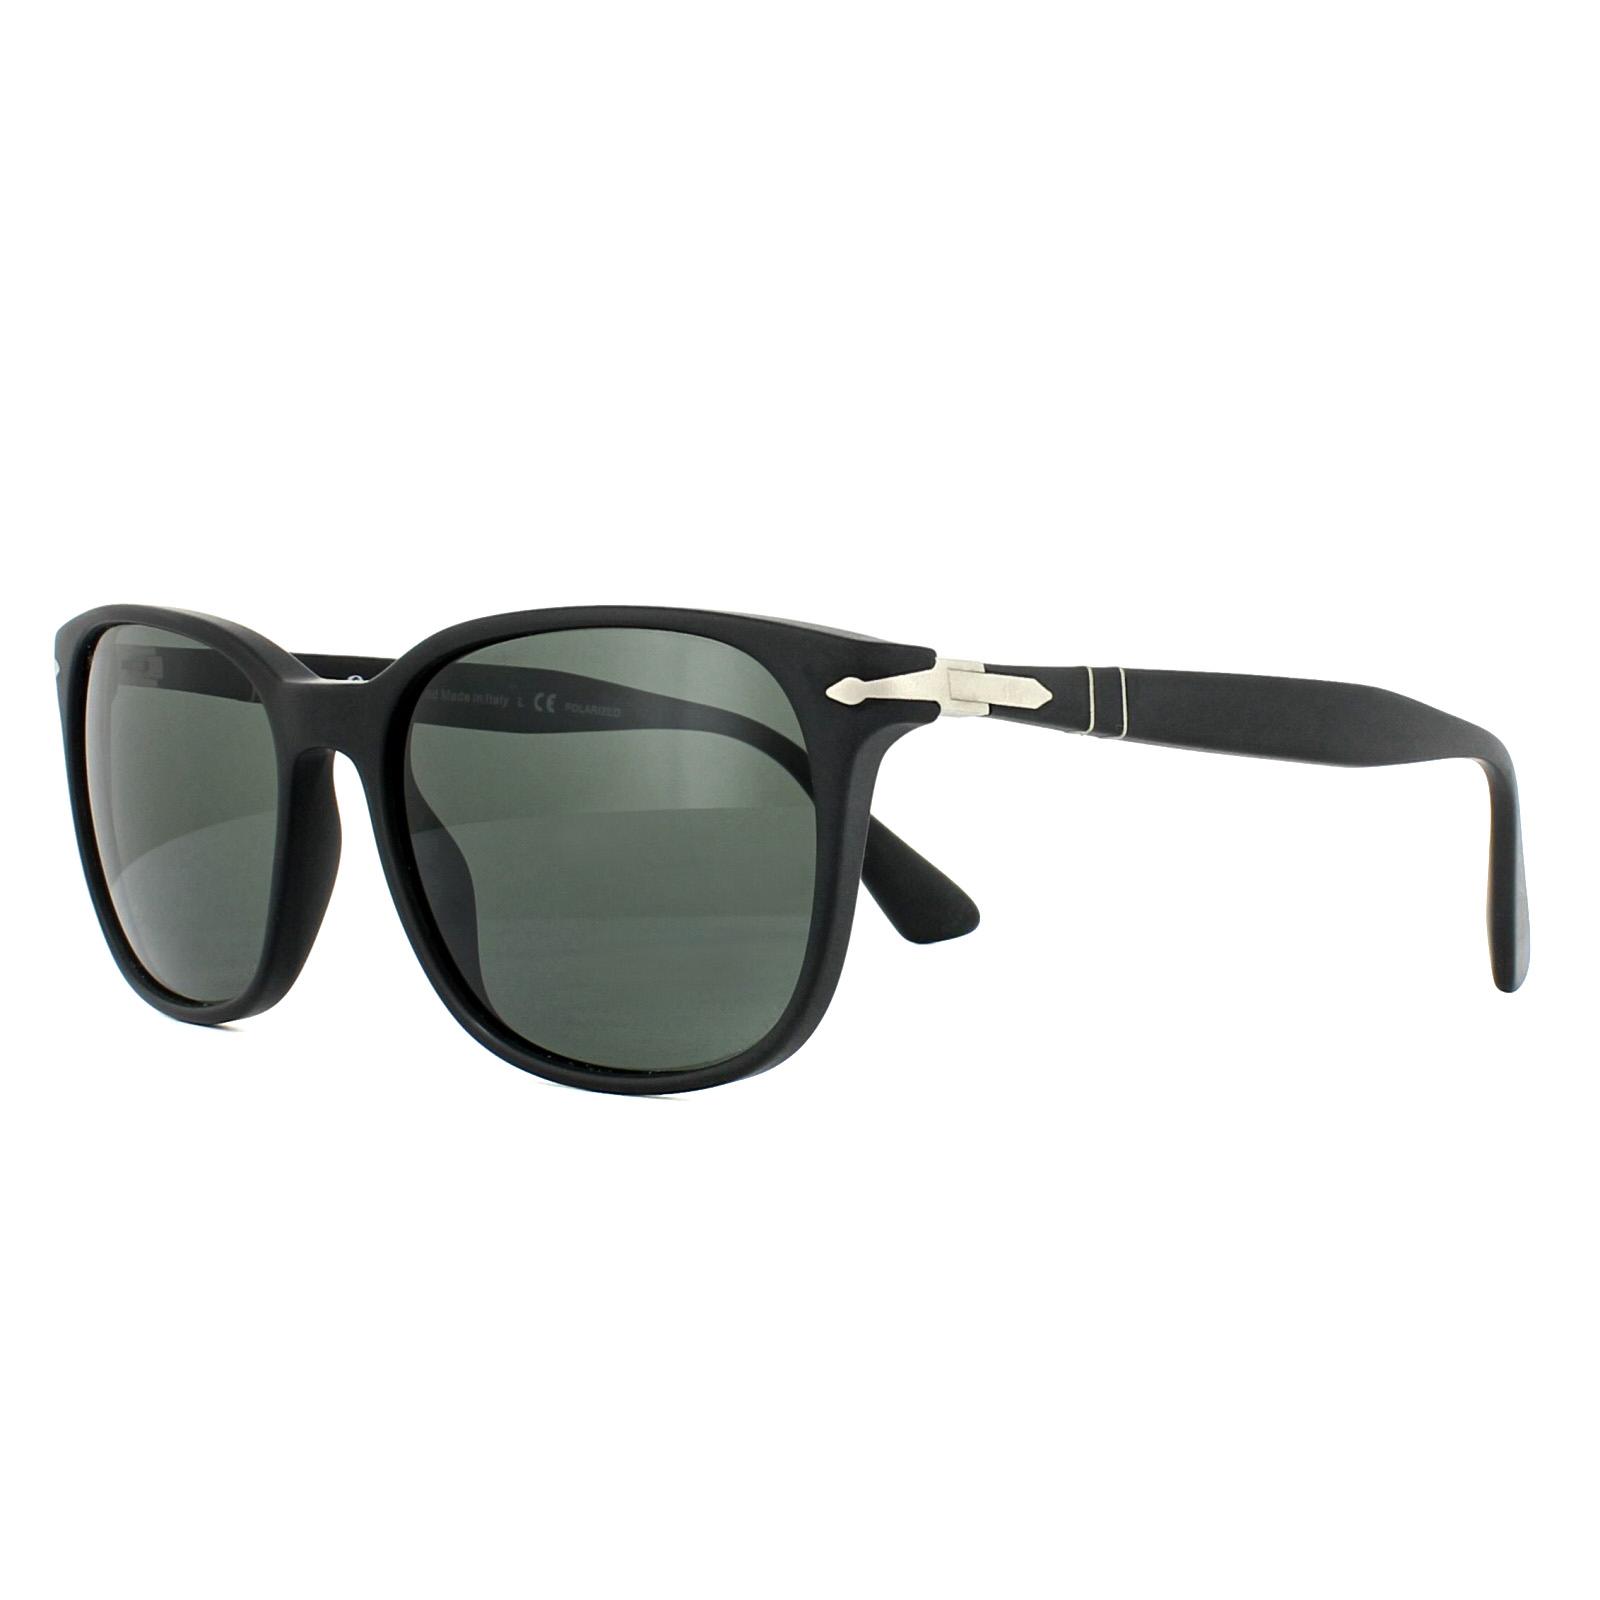 Persol Sunglasses 3164S 900058 Black Green Polarized 8053672665789 ... f883c259c2